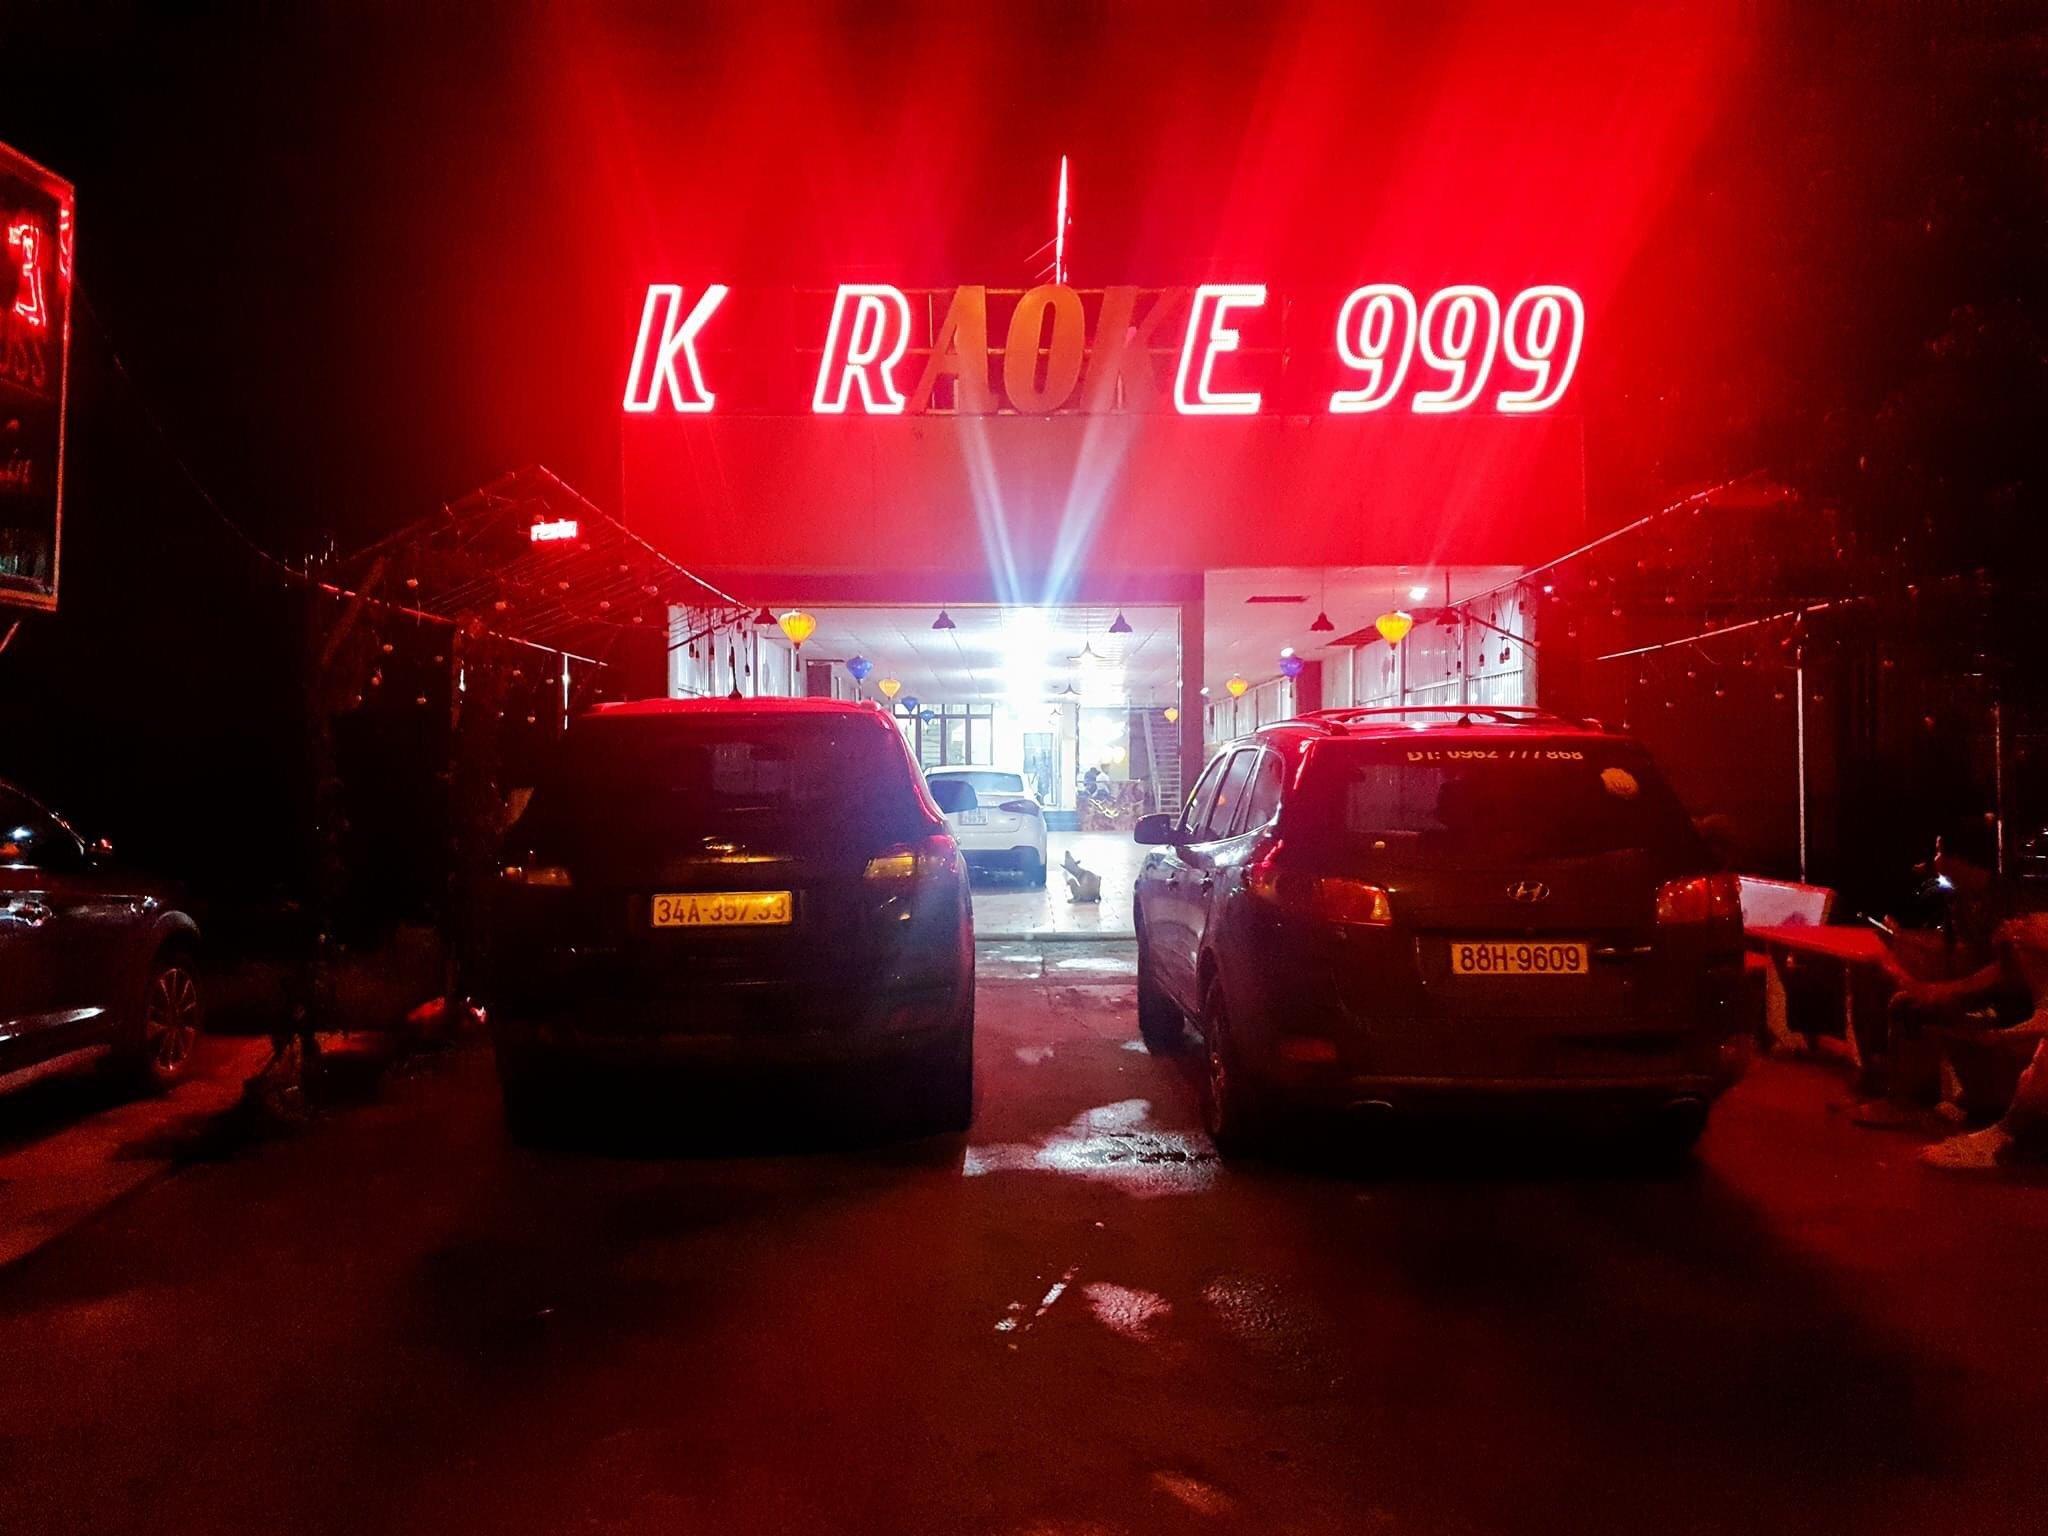 Hệ Thống 4acoustic cho Karaoke 1999 tại Bình Xuyên - Vĩnh Phúc